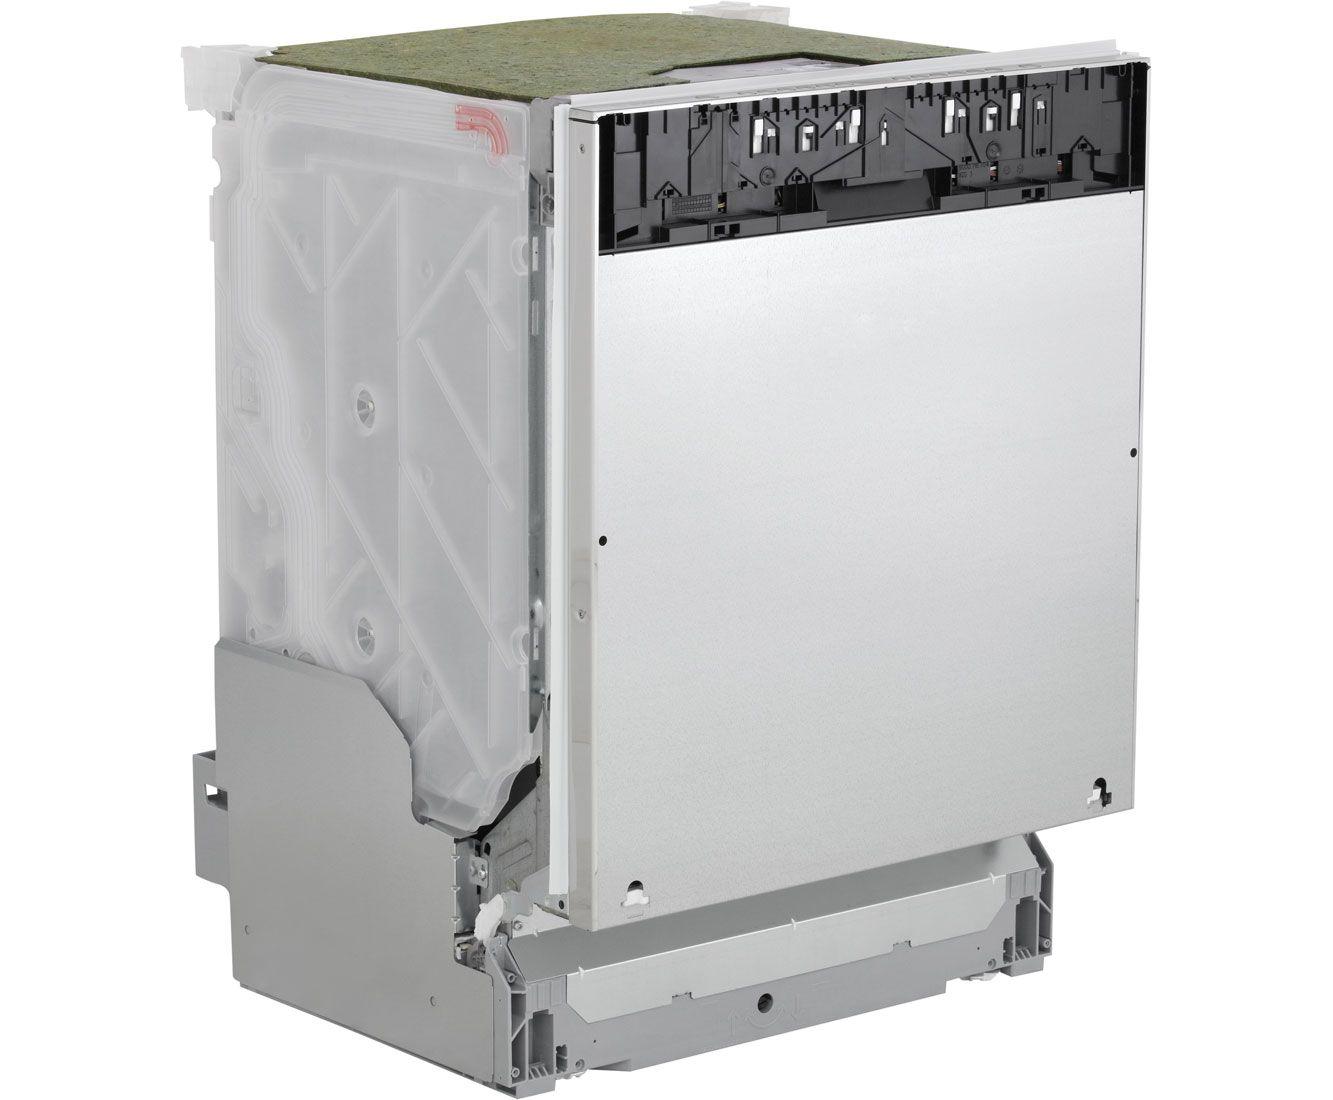 Bosch Serie 4 SMV46CX01E vollintegrierter Geschirrspüler